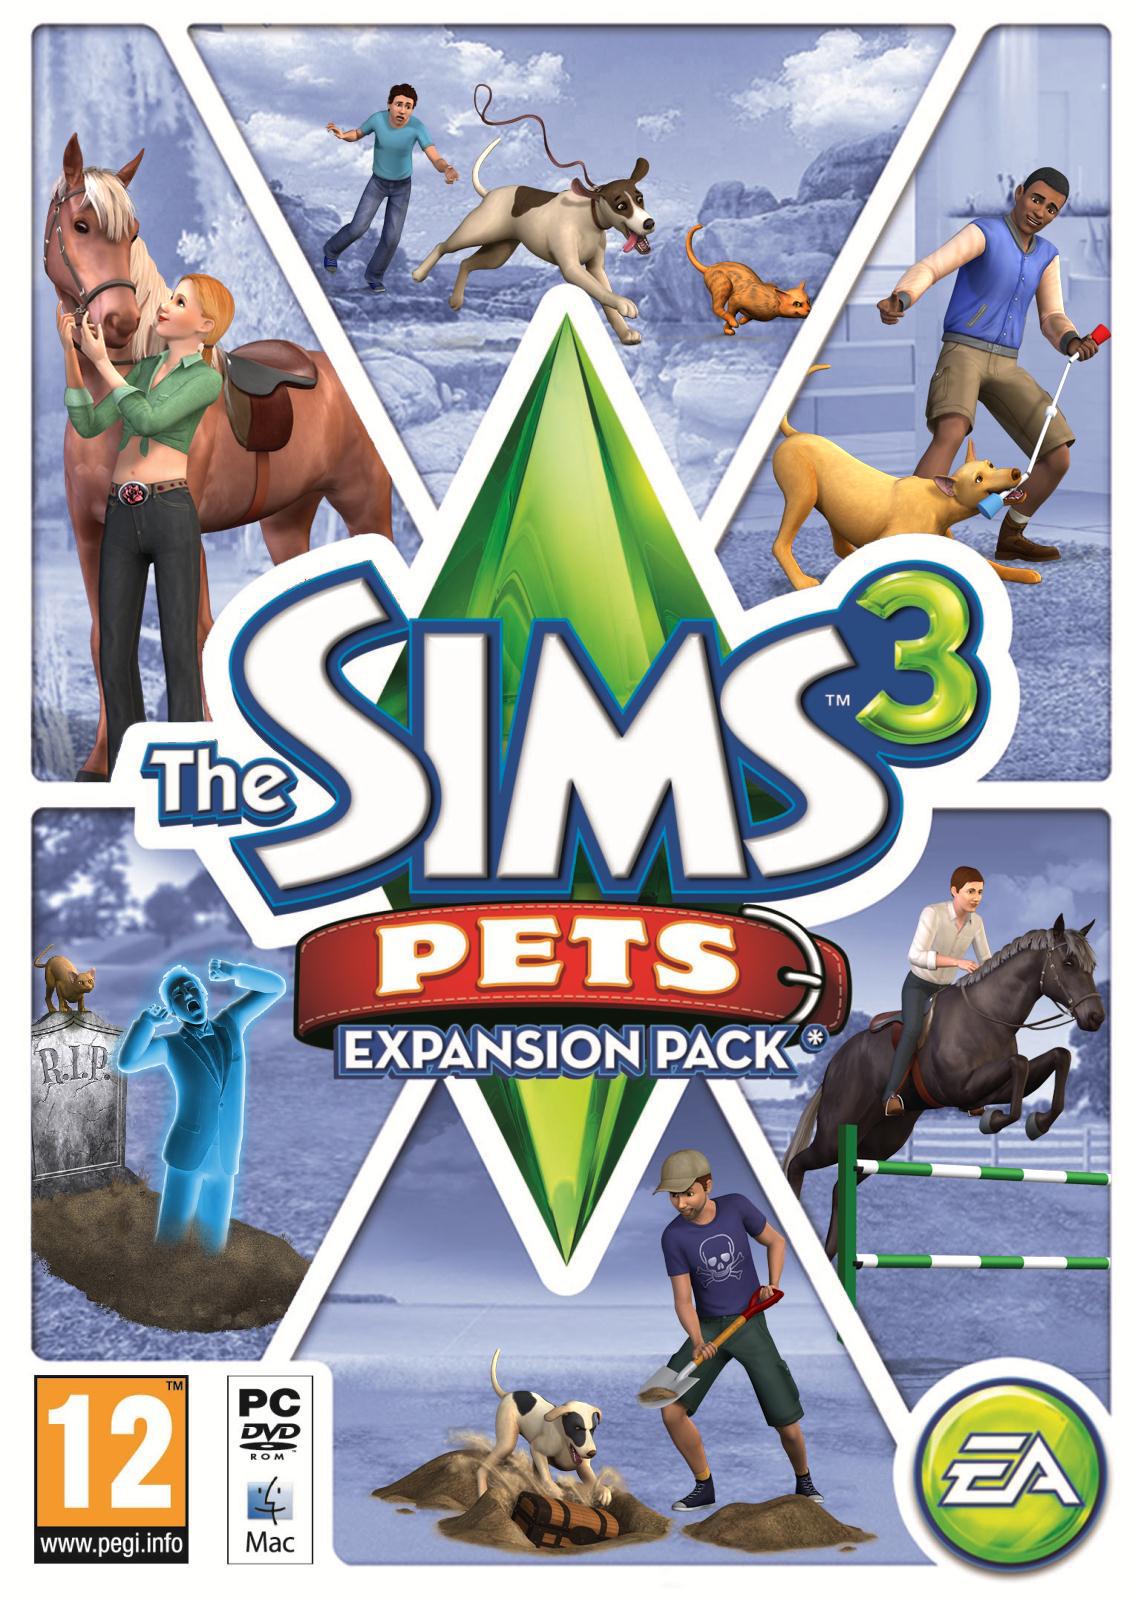 The sims 3 pets код активации - 656